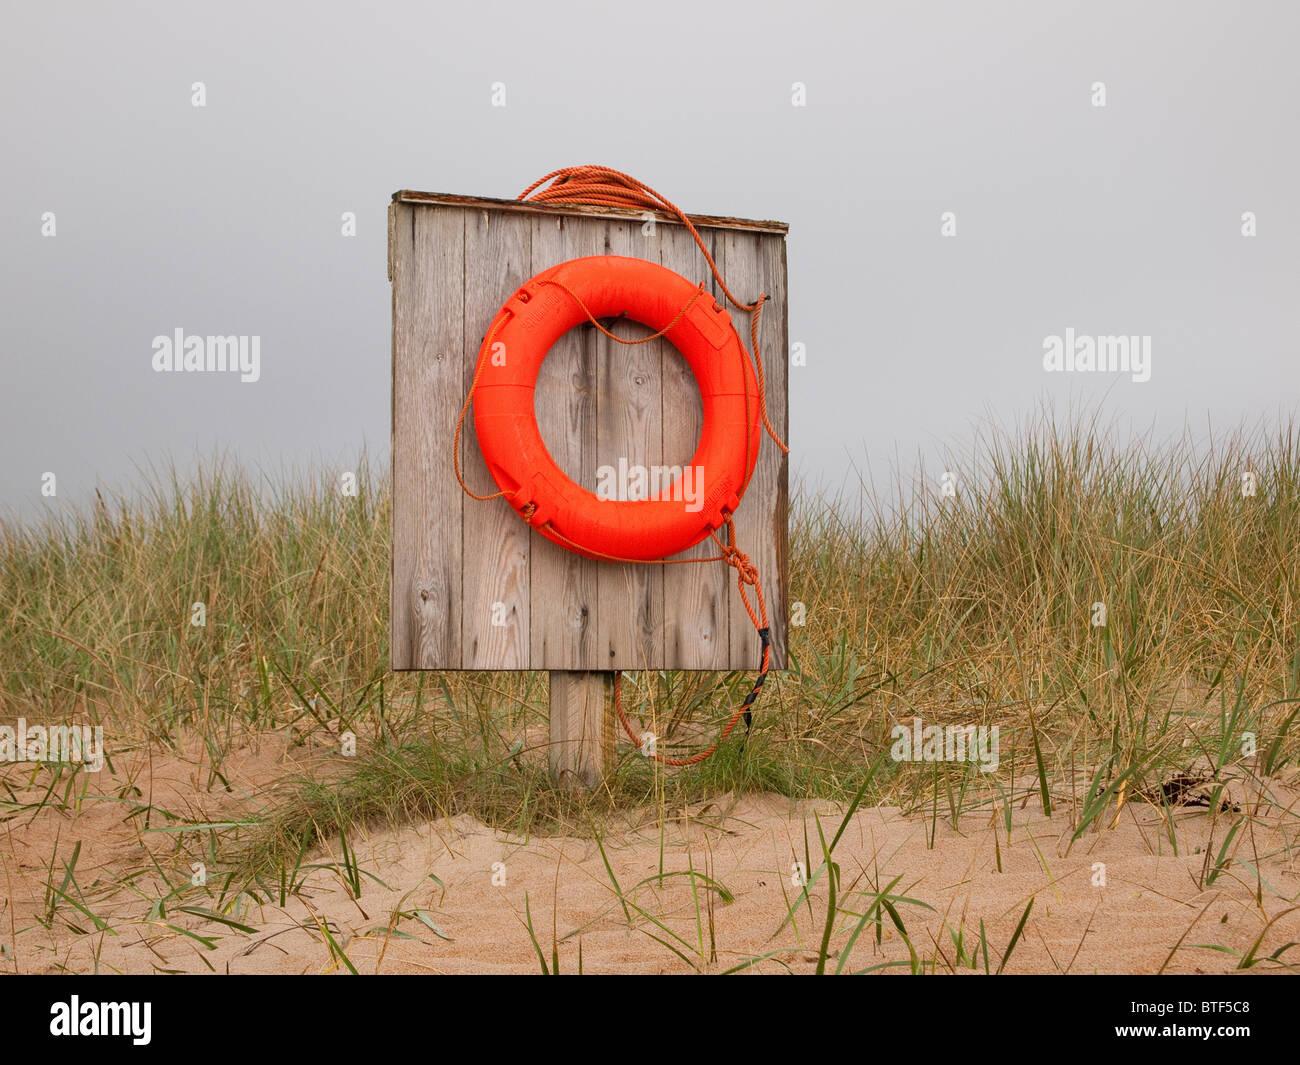 Life Buoy on Embleton Beach, Northumberland - Stock Image